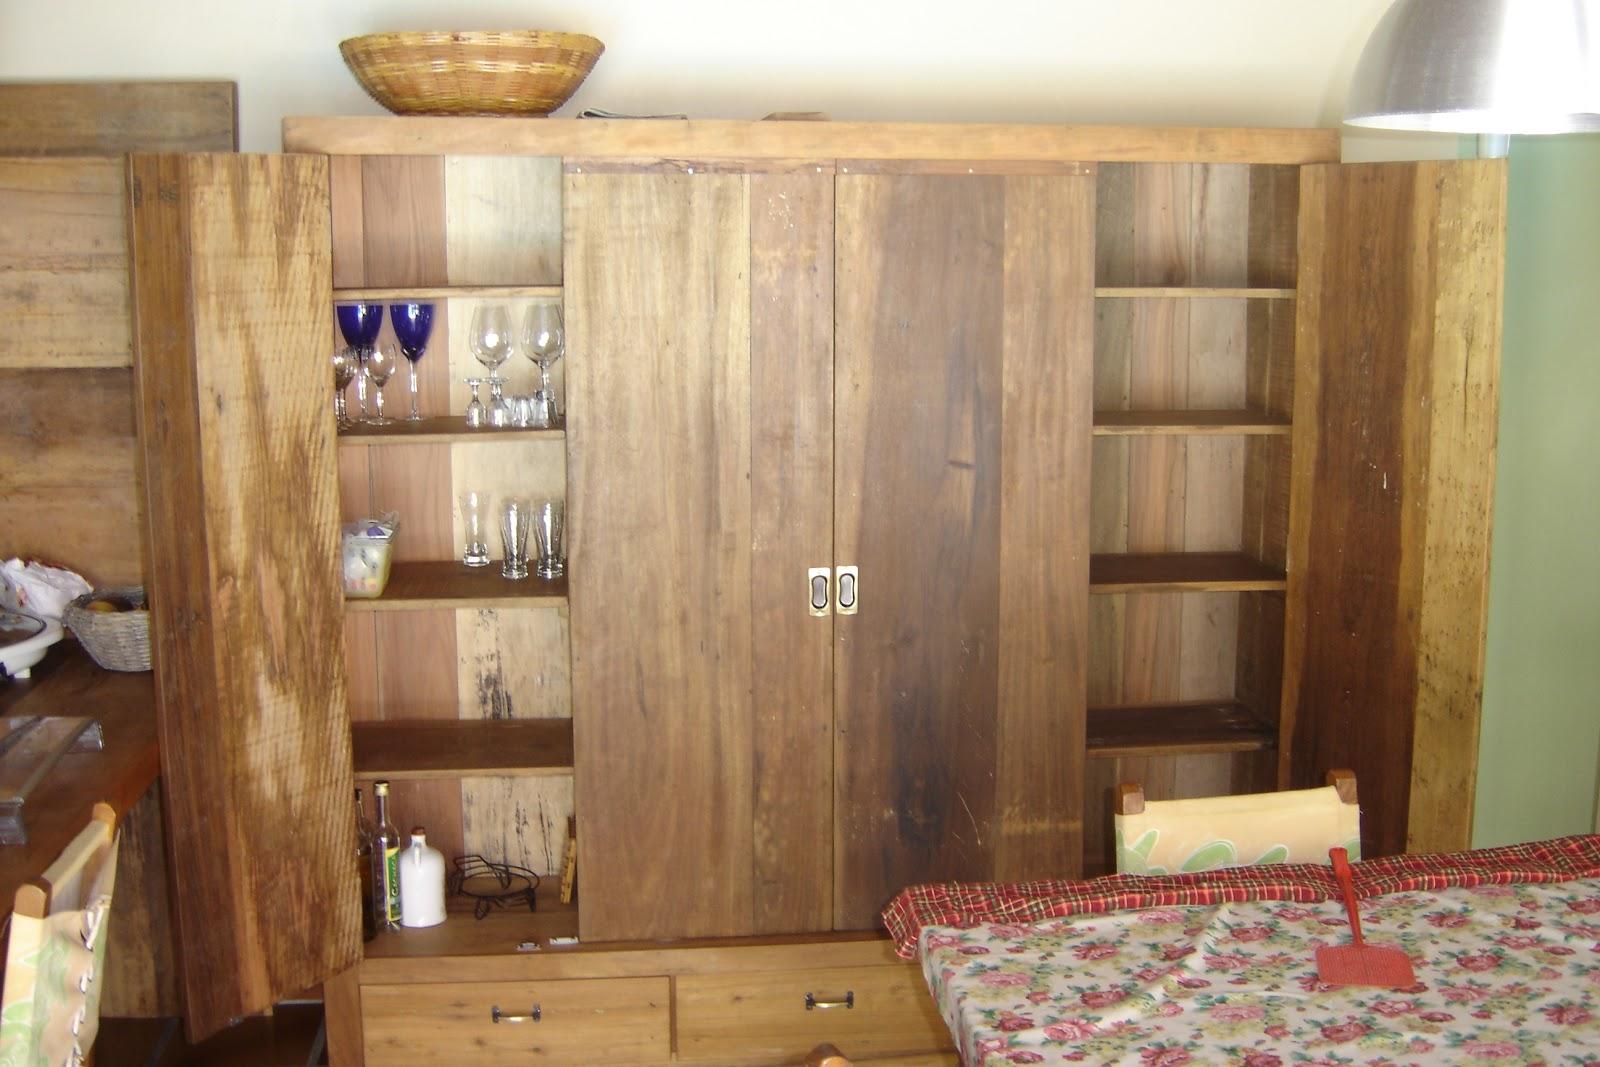 de peças e móveis: Armário multiuso em madeira de demolição #943F37 1600x1067